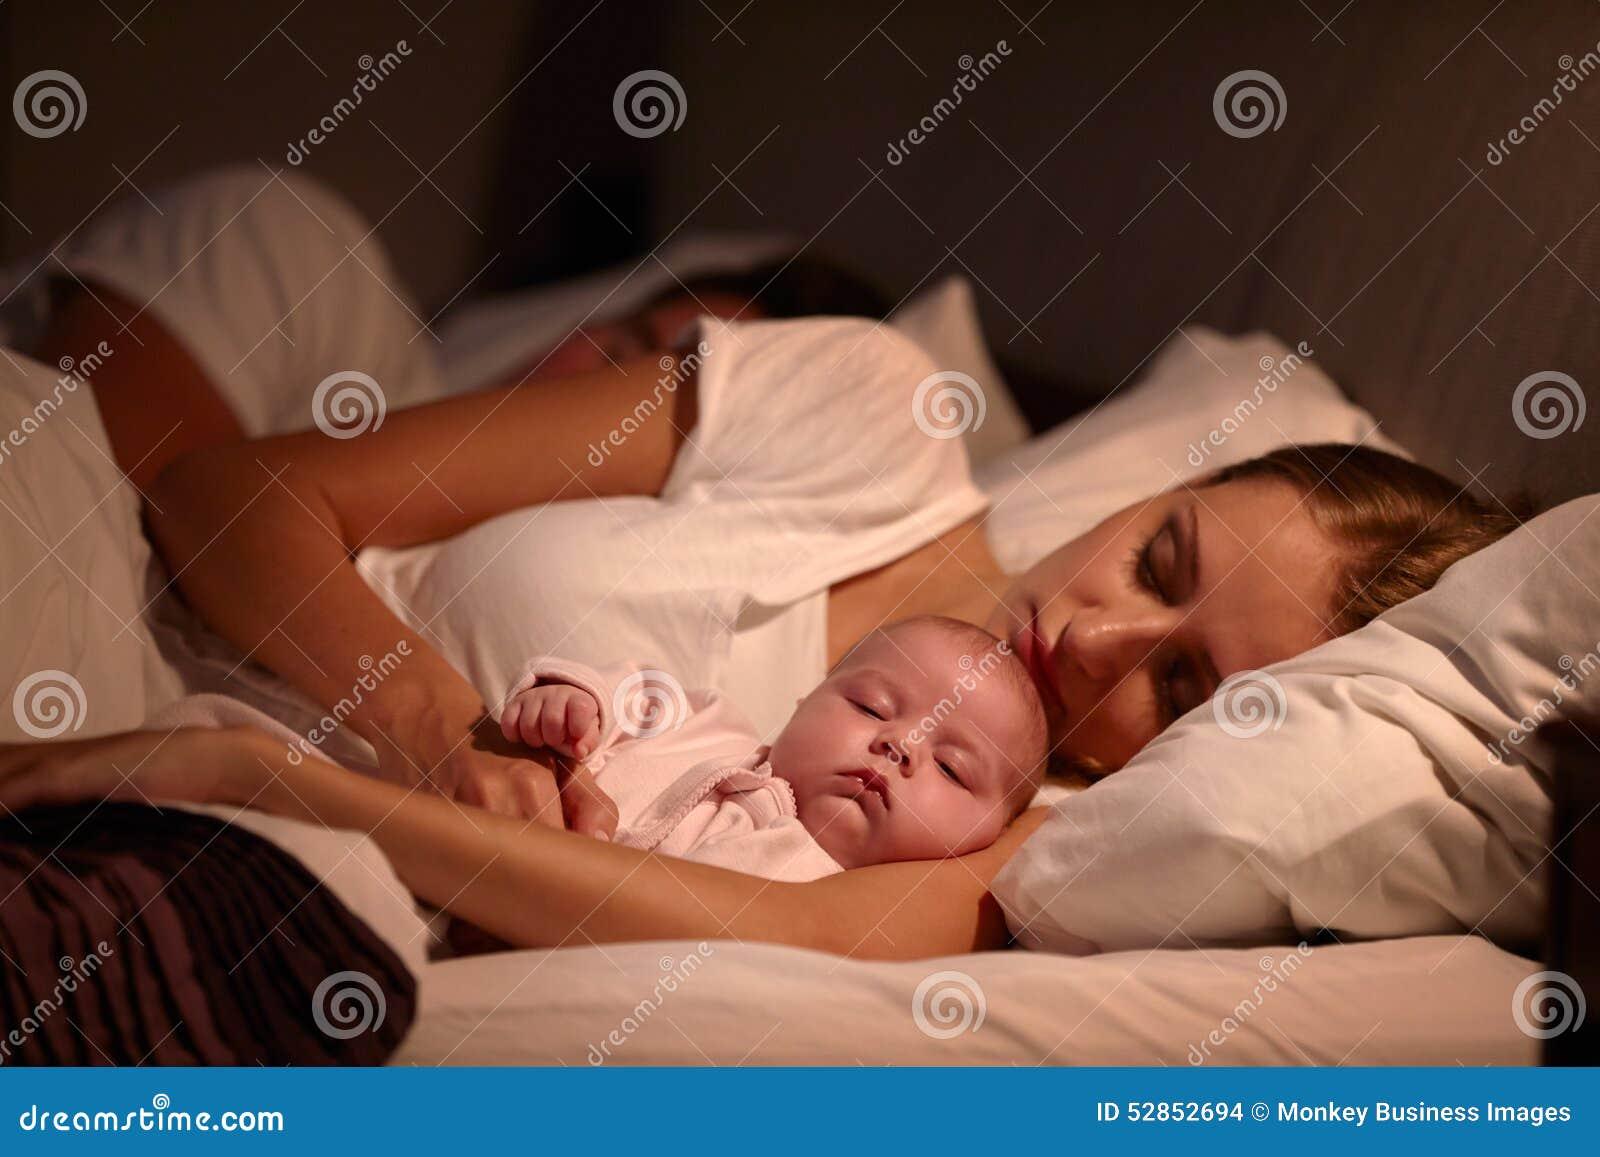 eltern, die im bett mit neugeborenem baby schlafen stockfoto, Schlafzimmer